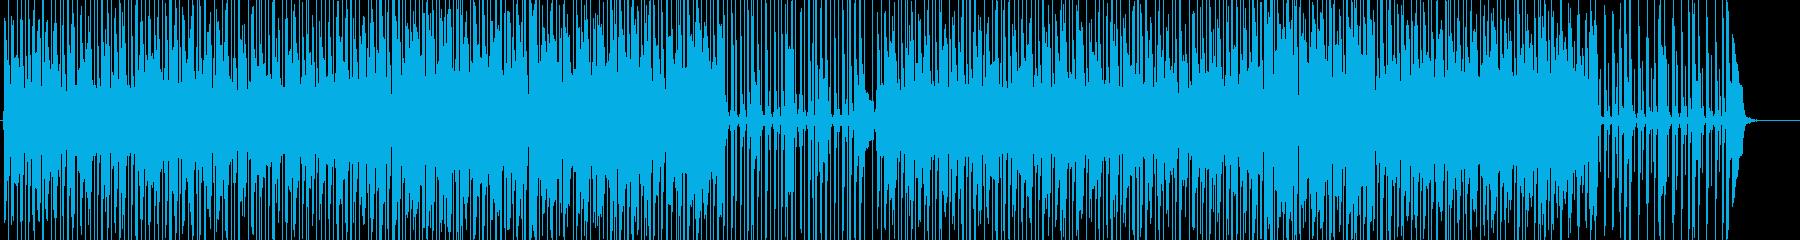 【転調無しver】明るい口笛とギターの再生済みの波形